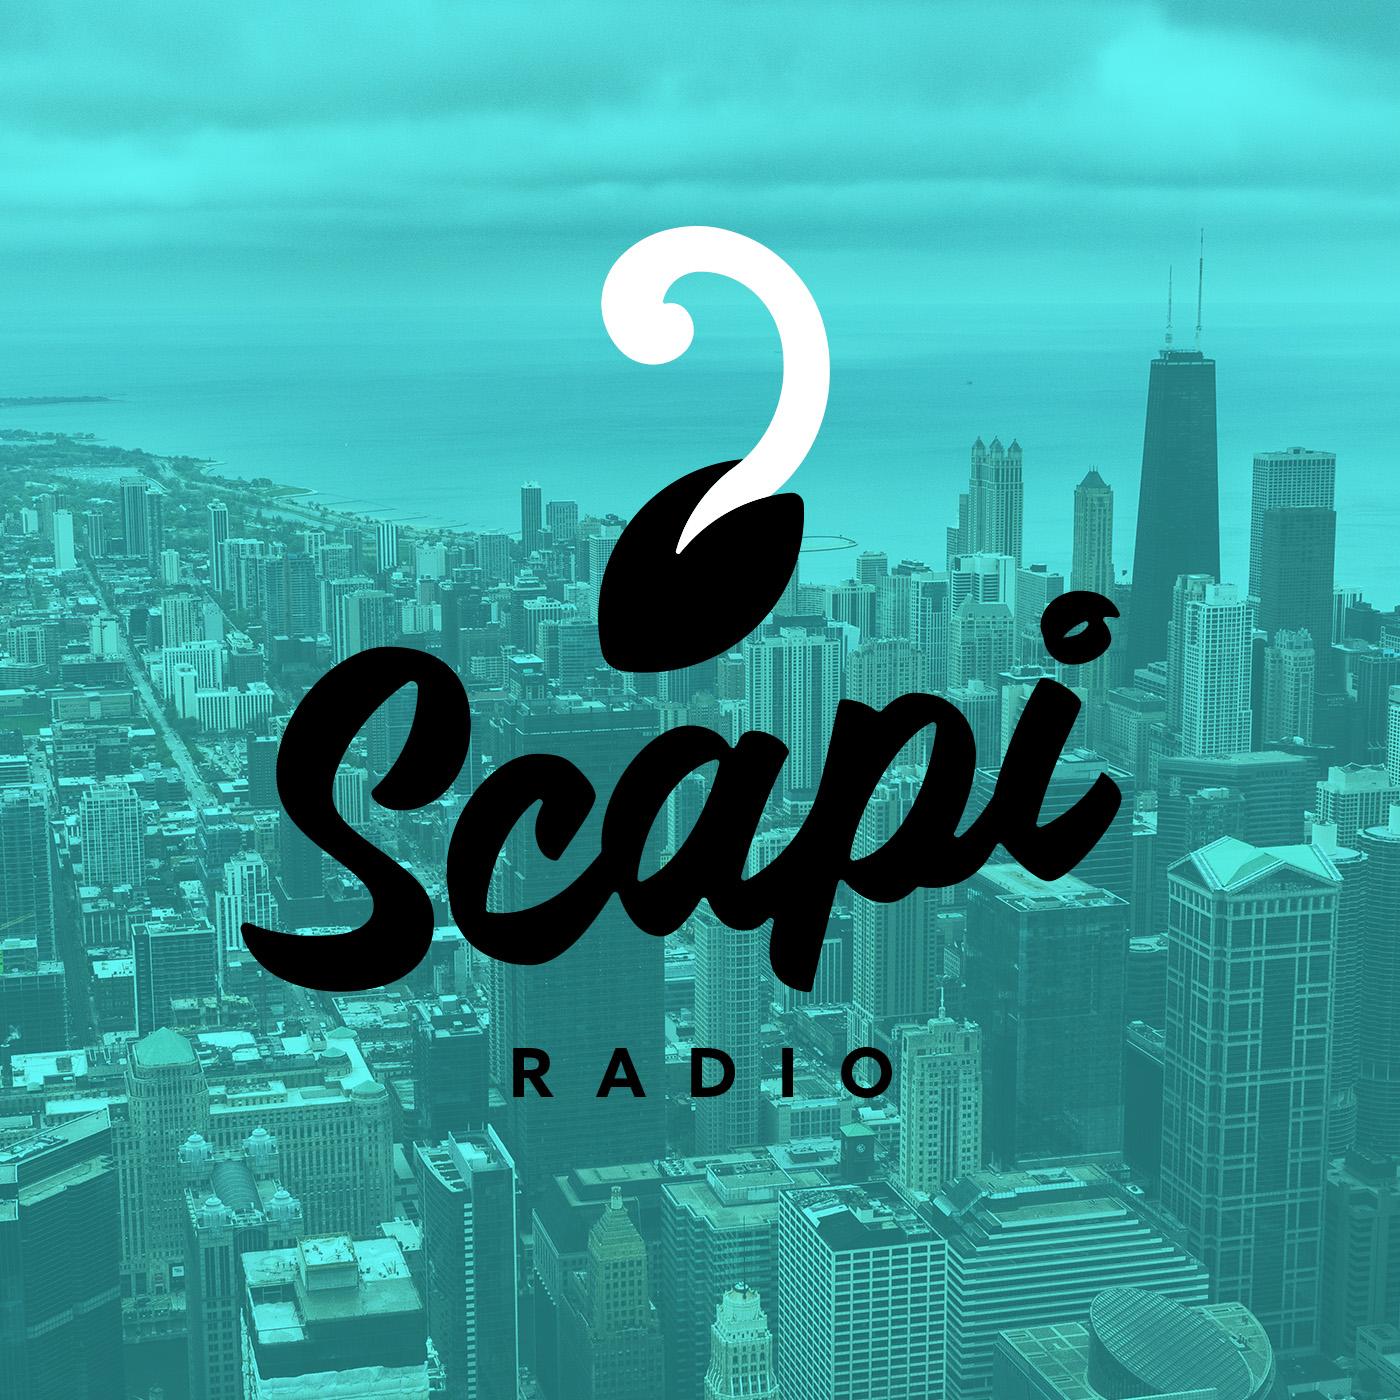 Scapi Radio Thumbnail